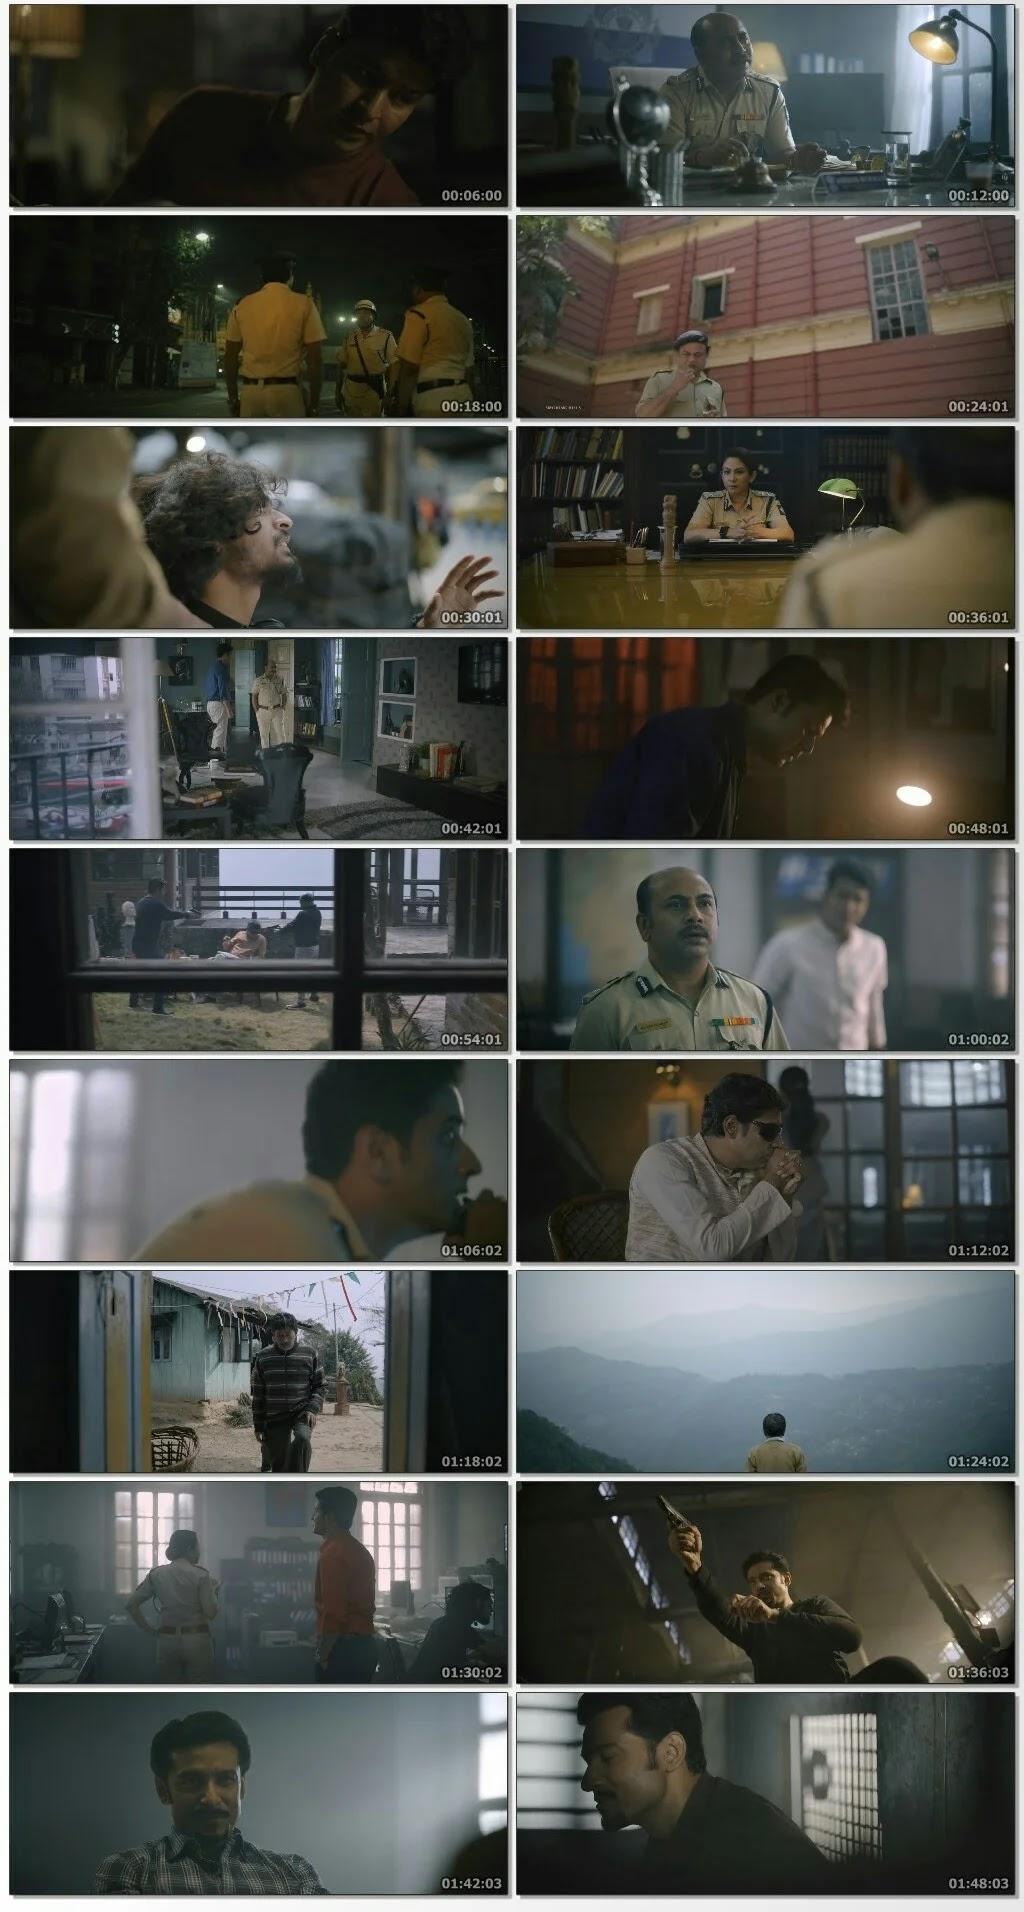 Mukhosh Bengali movie